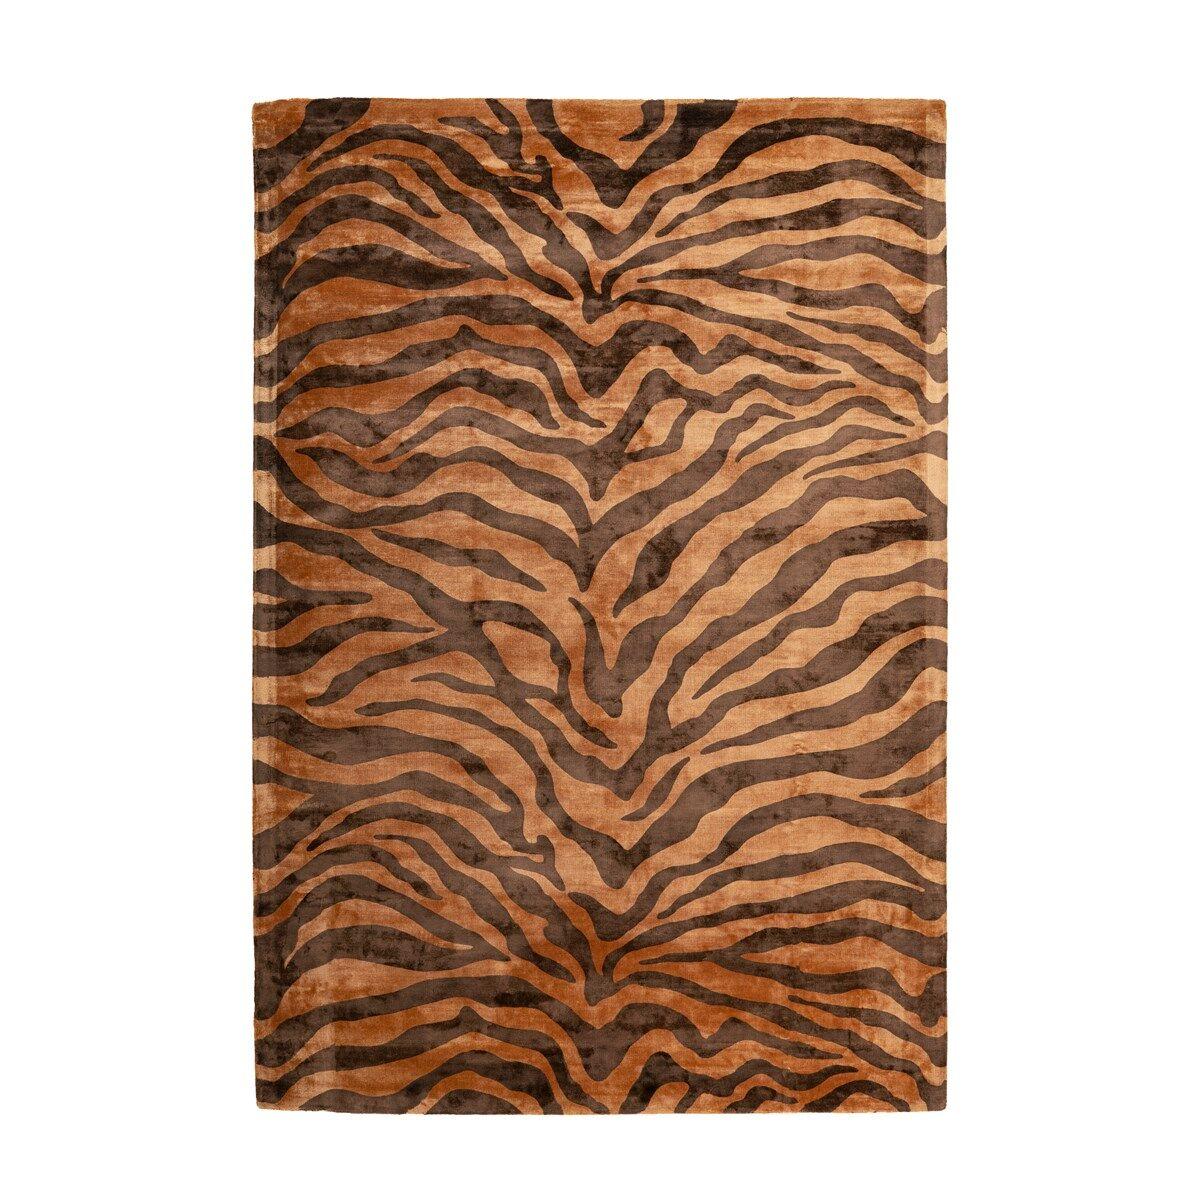 Novatrend Tapis moderne fait main en Viscose Marron 80x150 cm